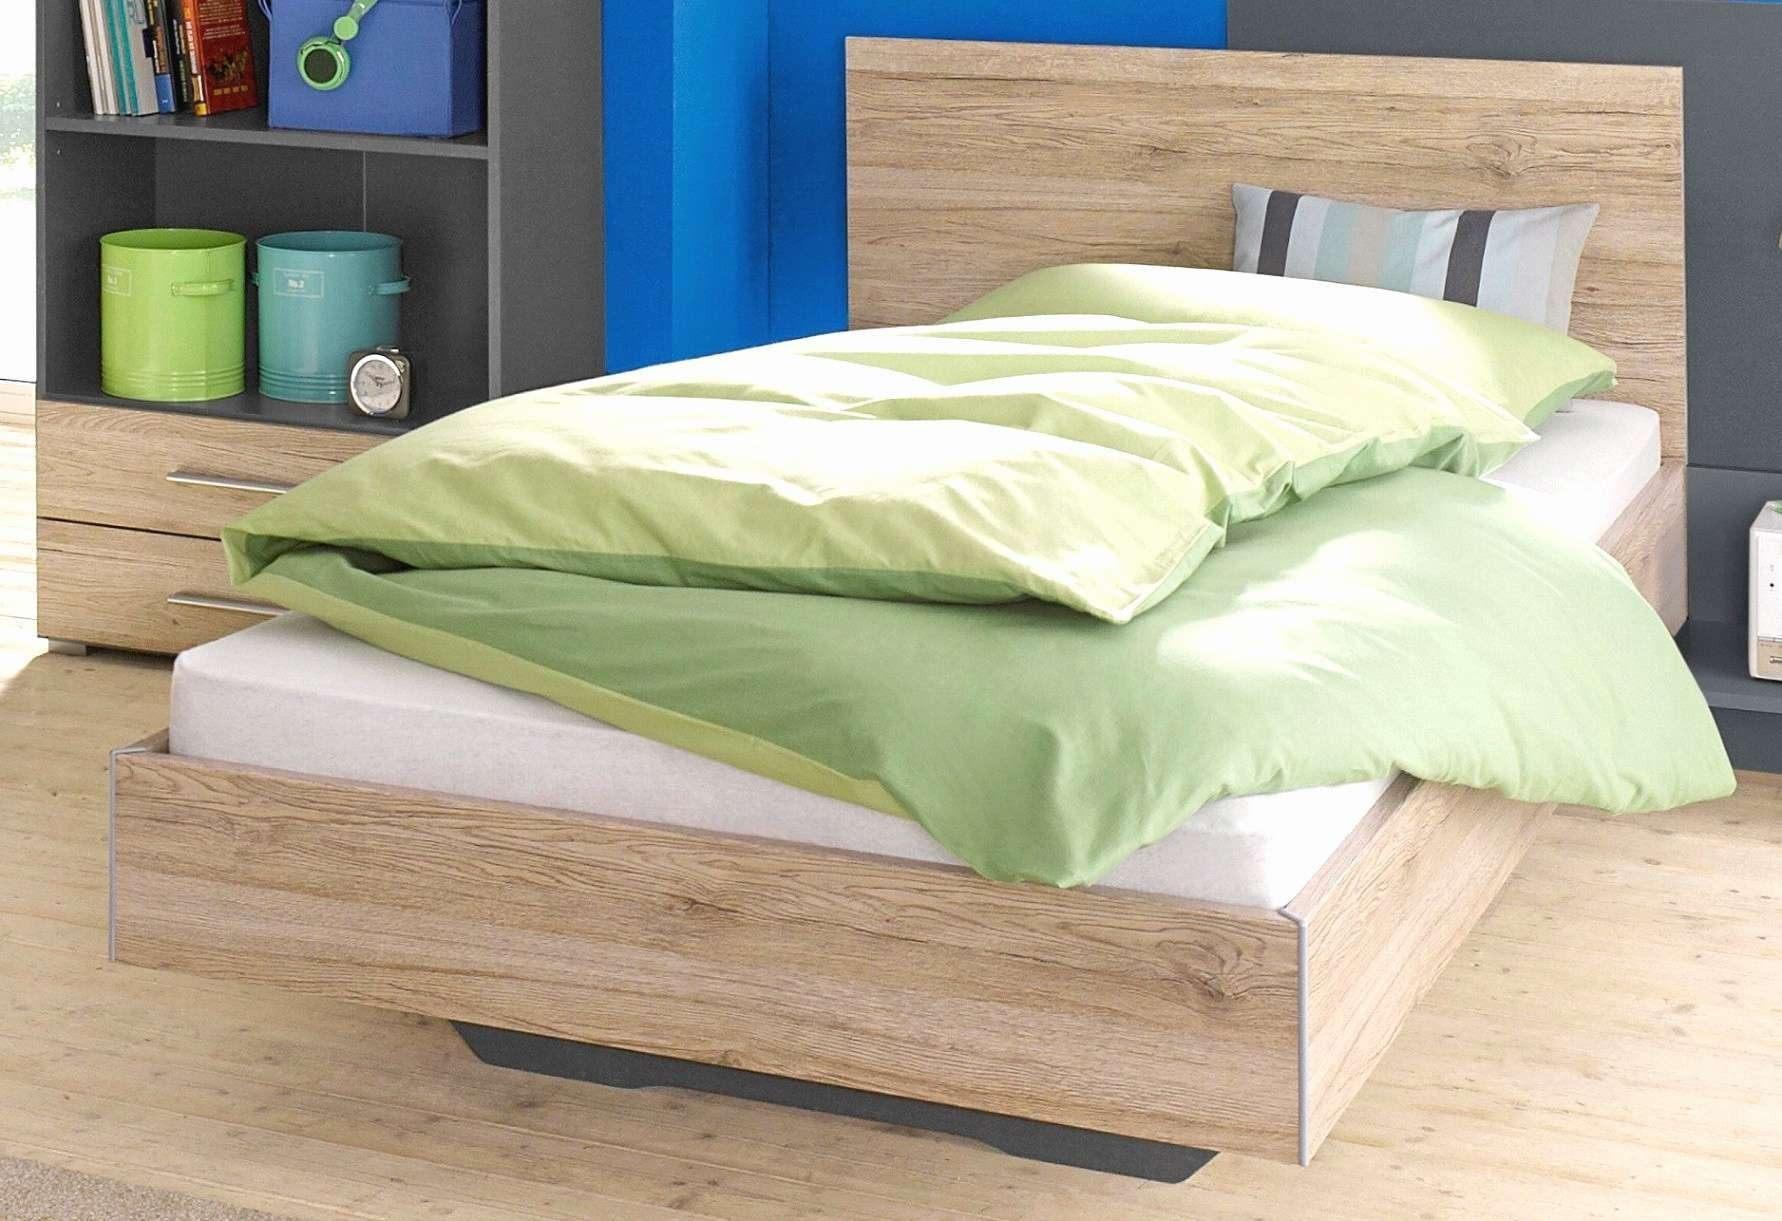 Lit Coffre 120×200 Belle Lit 120 X 200 50 Schön 120—200 Bett Ikea Et Base De Lit Diy Avec 120